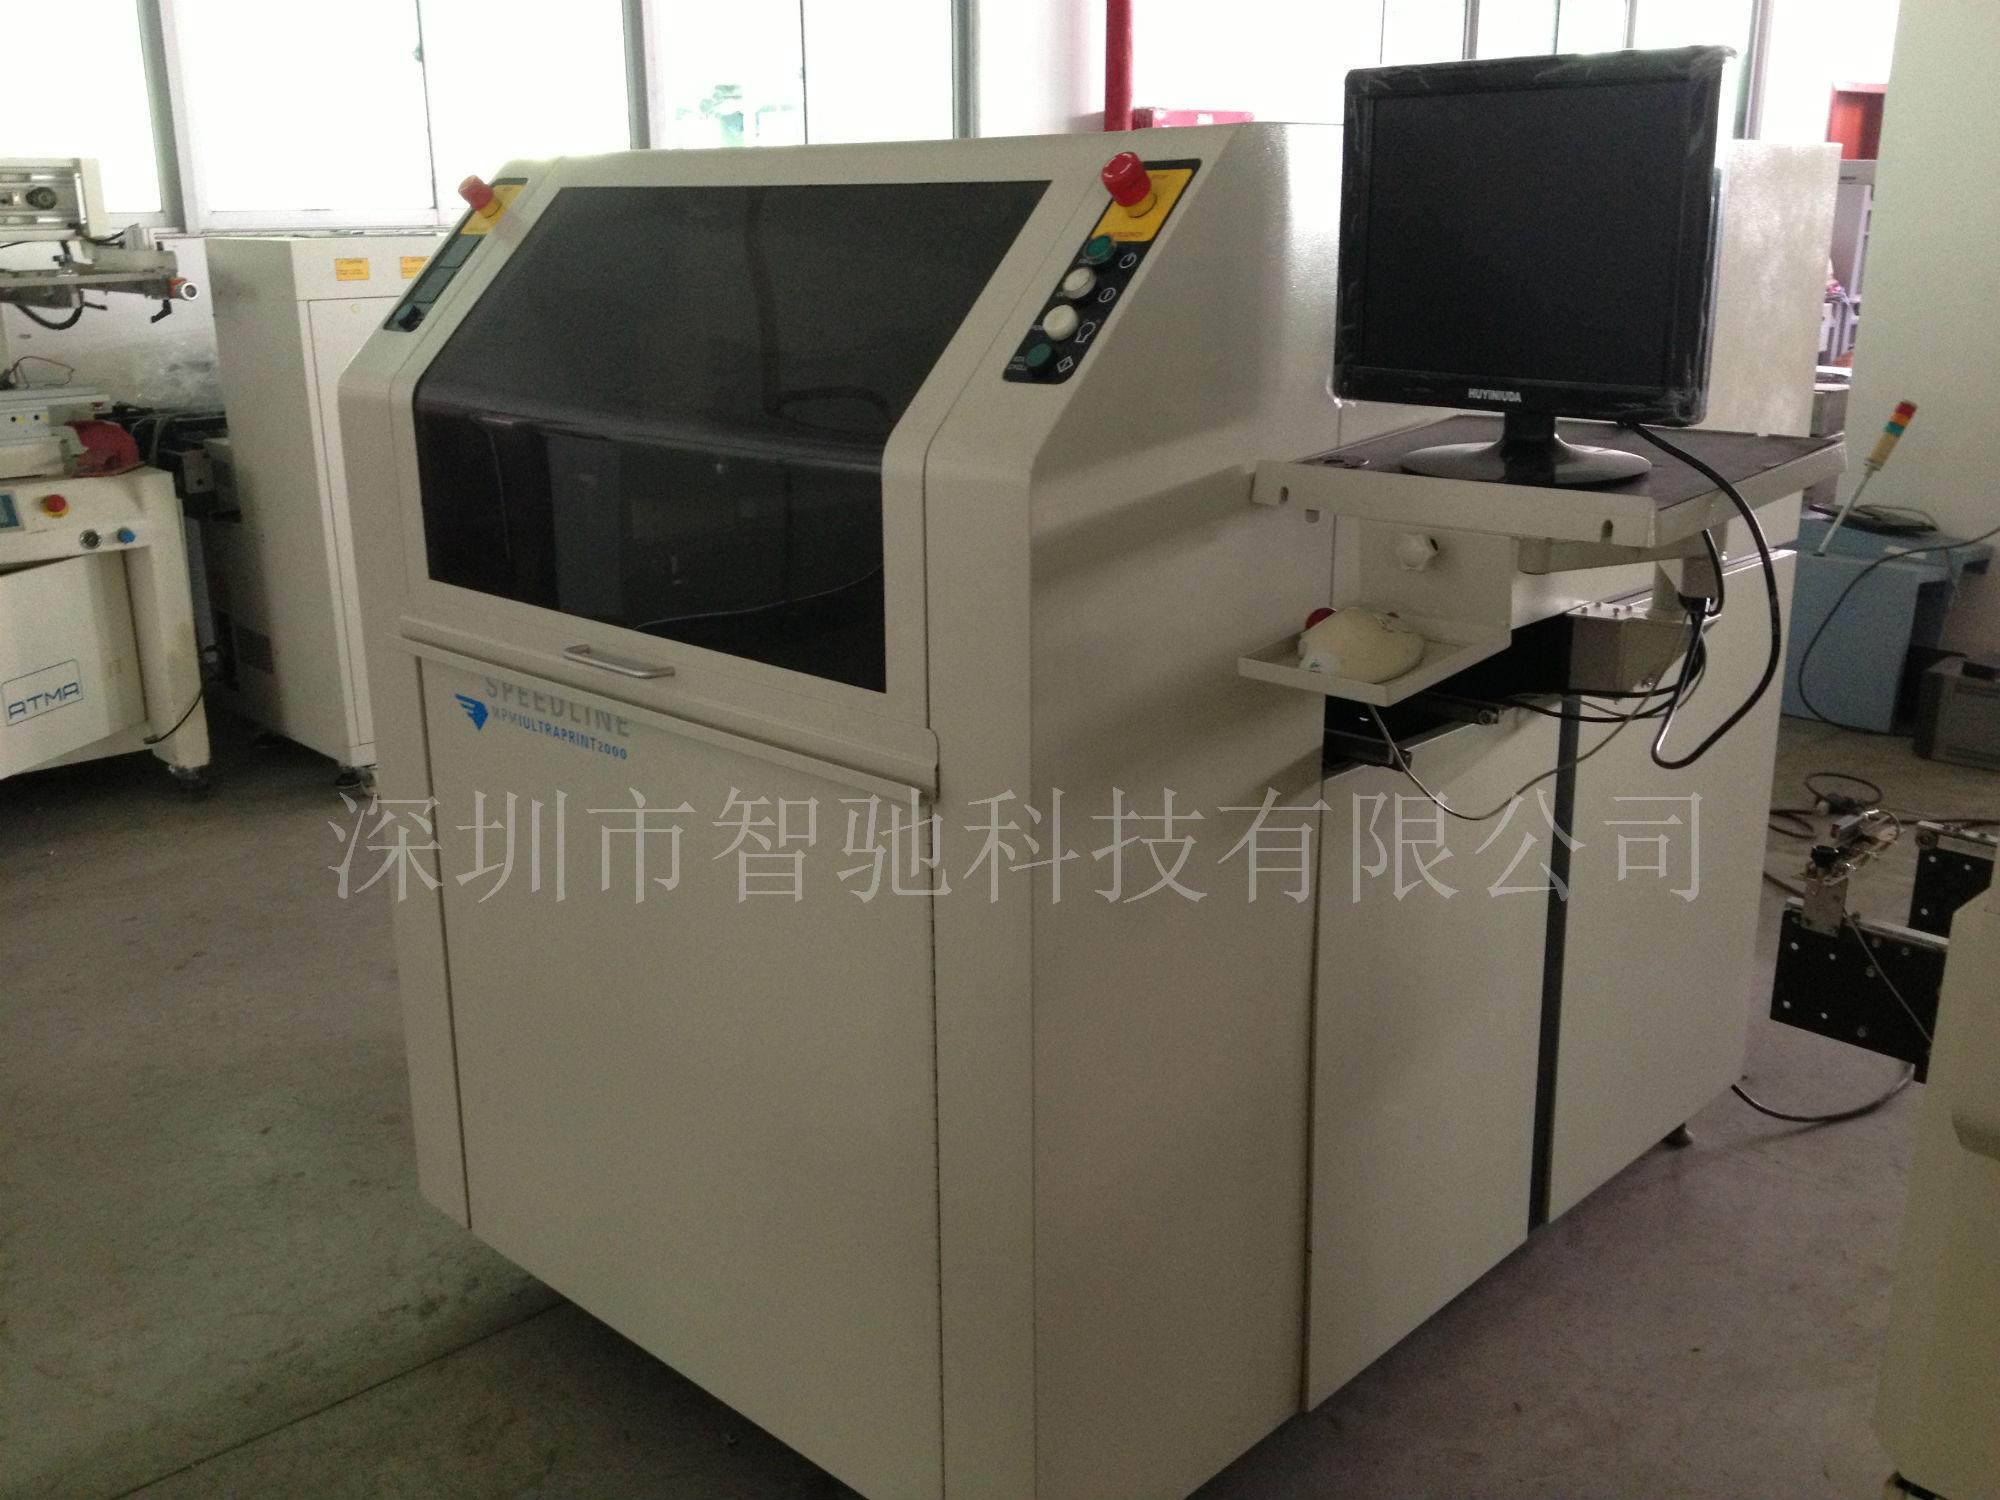 供应二手美国进口MPM UP2000-HiE全自动锡膏印刷机